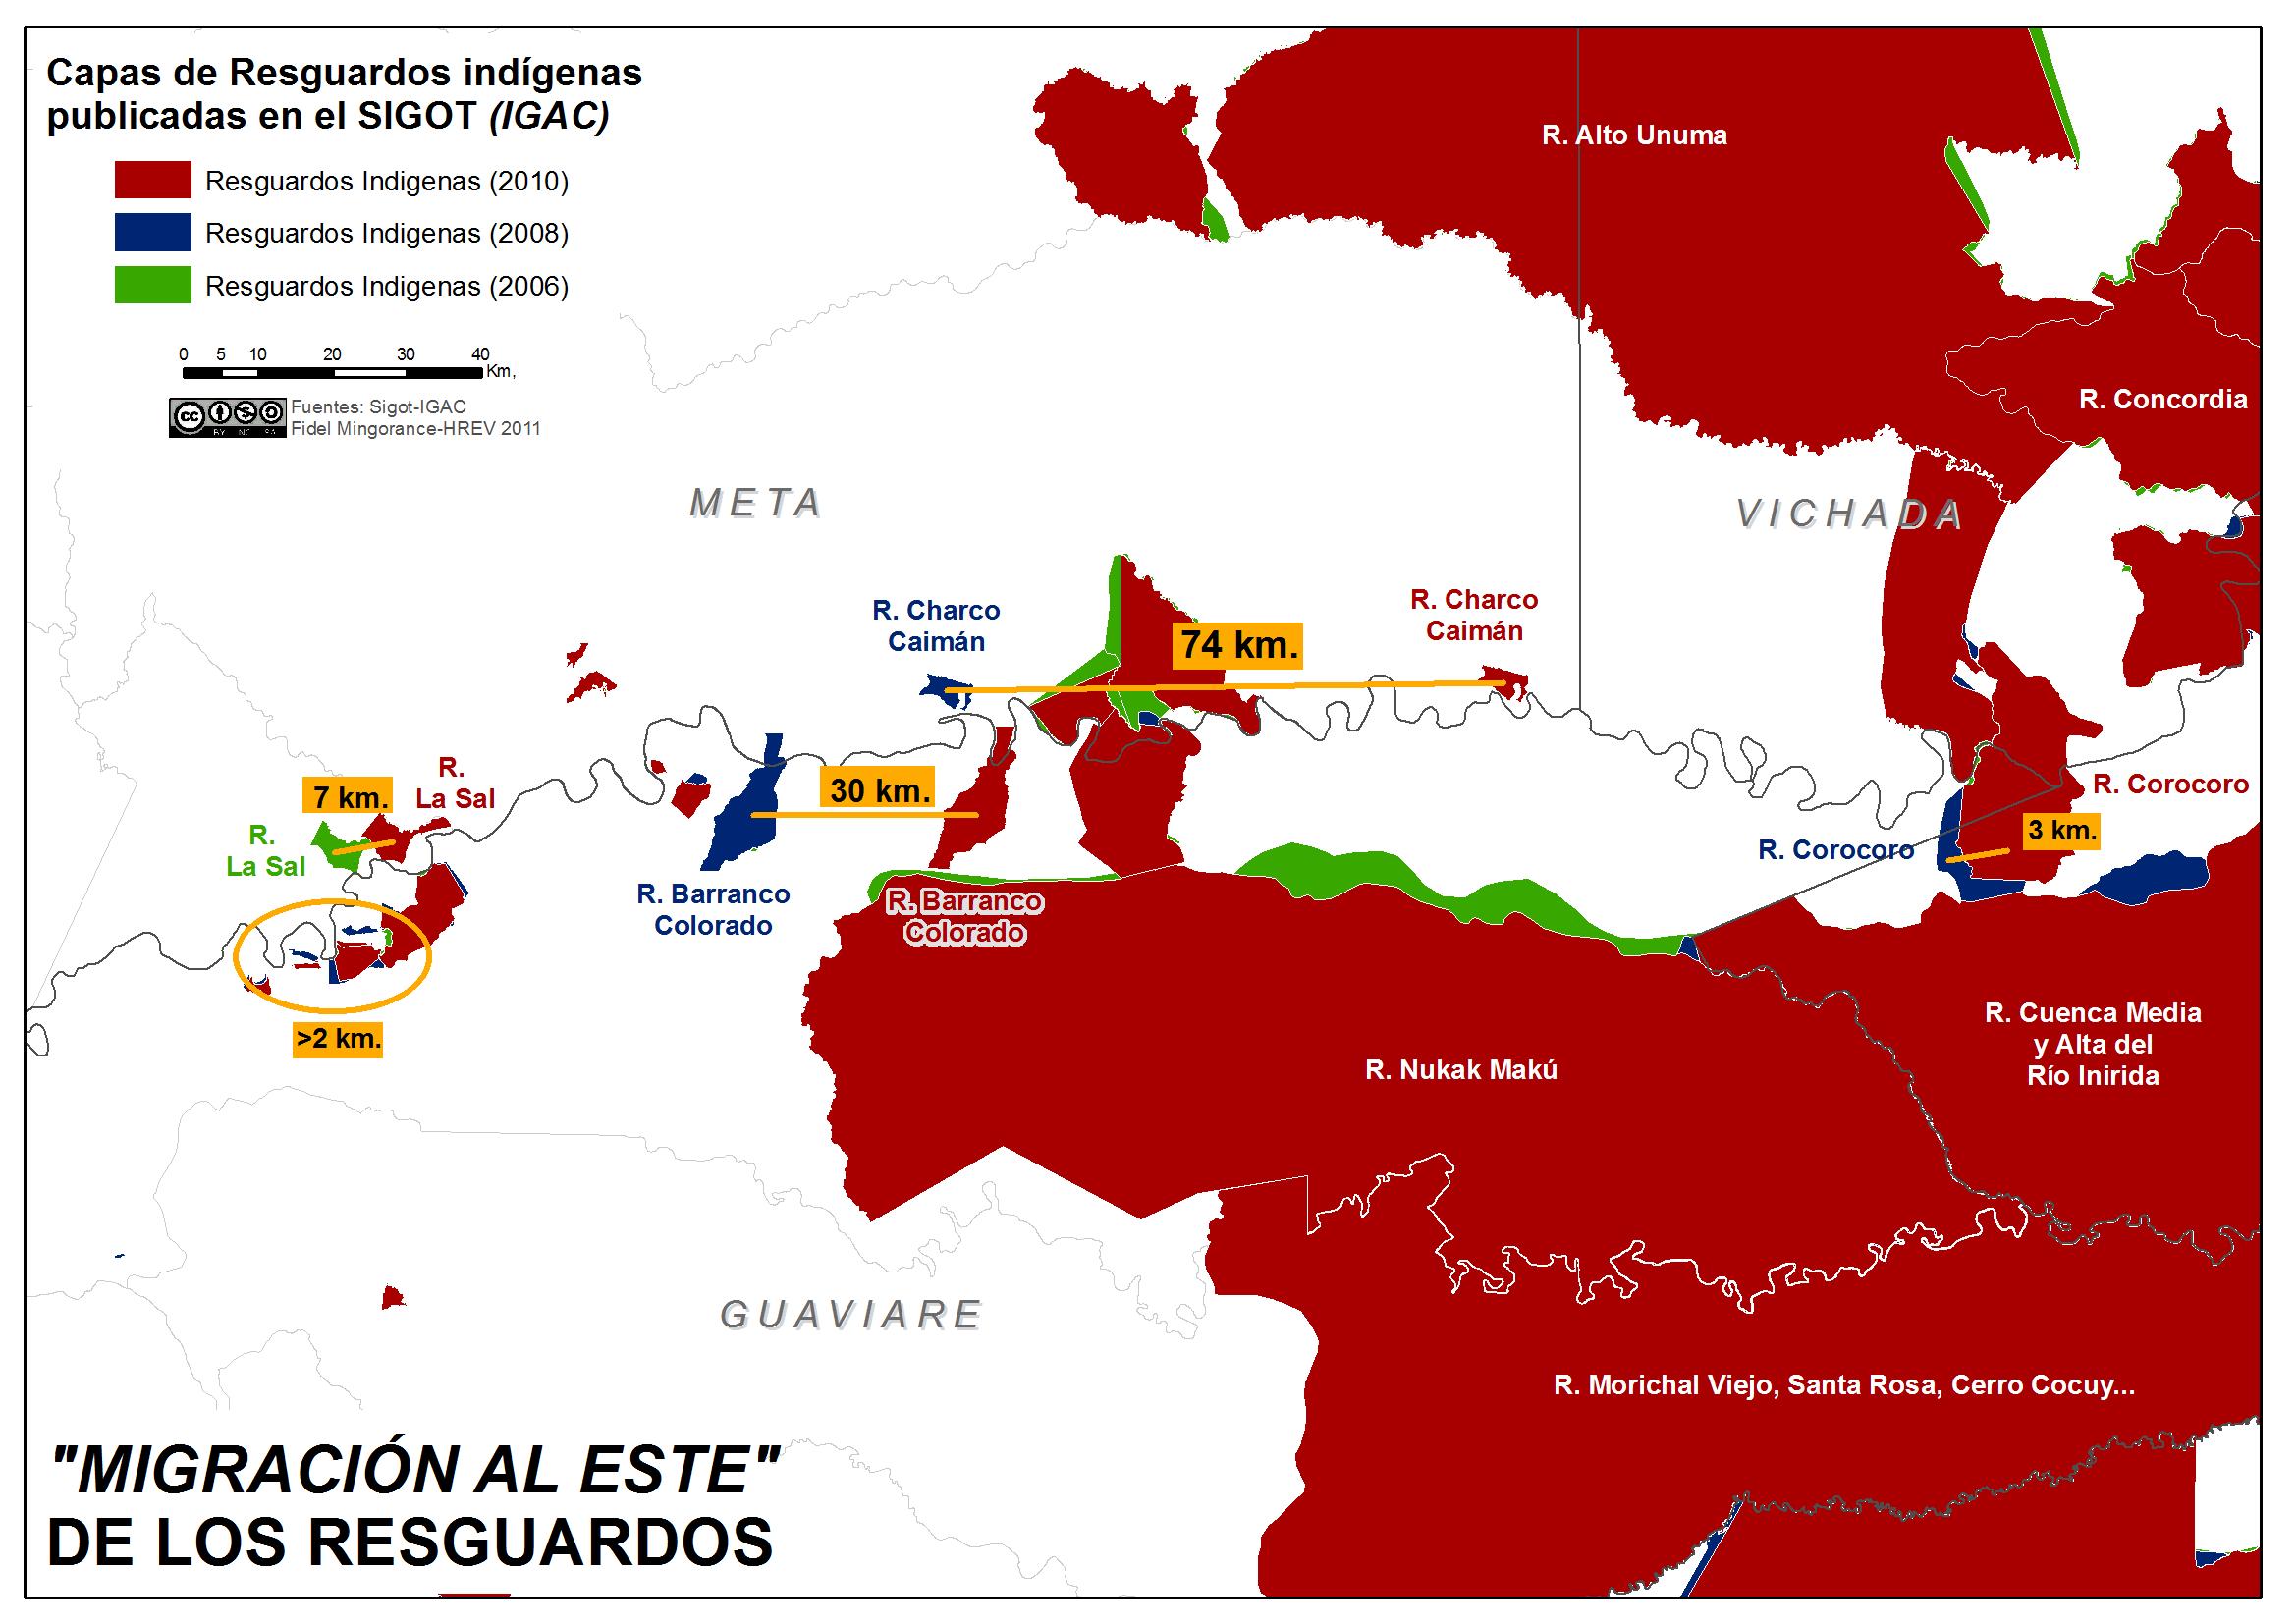 migración al este de los resguardos indígenas en Colombia